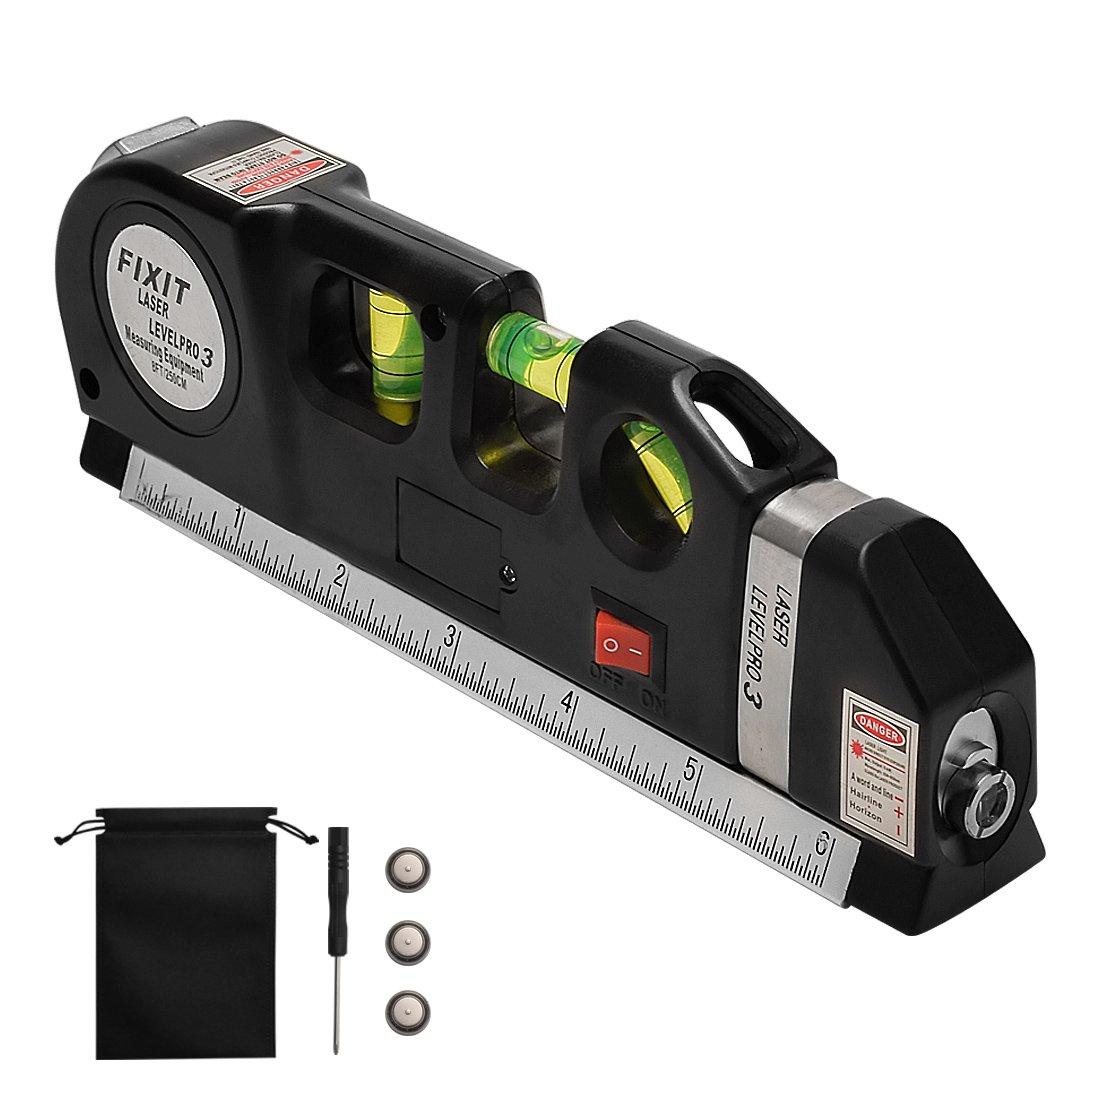 Laser Tape Rulers CarBoss Multipurpose Laser Level laser measure Line 8 FT 2.5M Measure Tape Ruler Adjusted Standard and Metric Rulers Tools Best Professional Craftsman Self Leveling Laser leveler